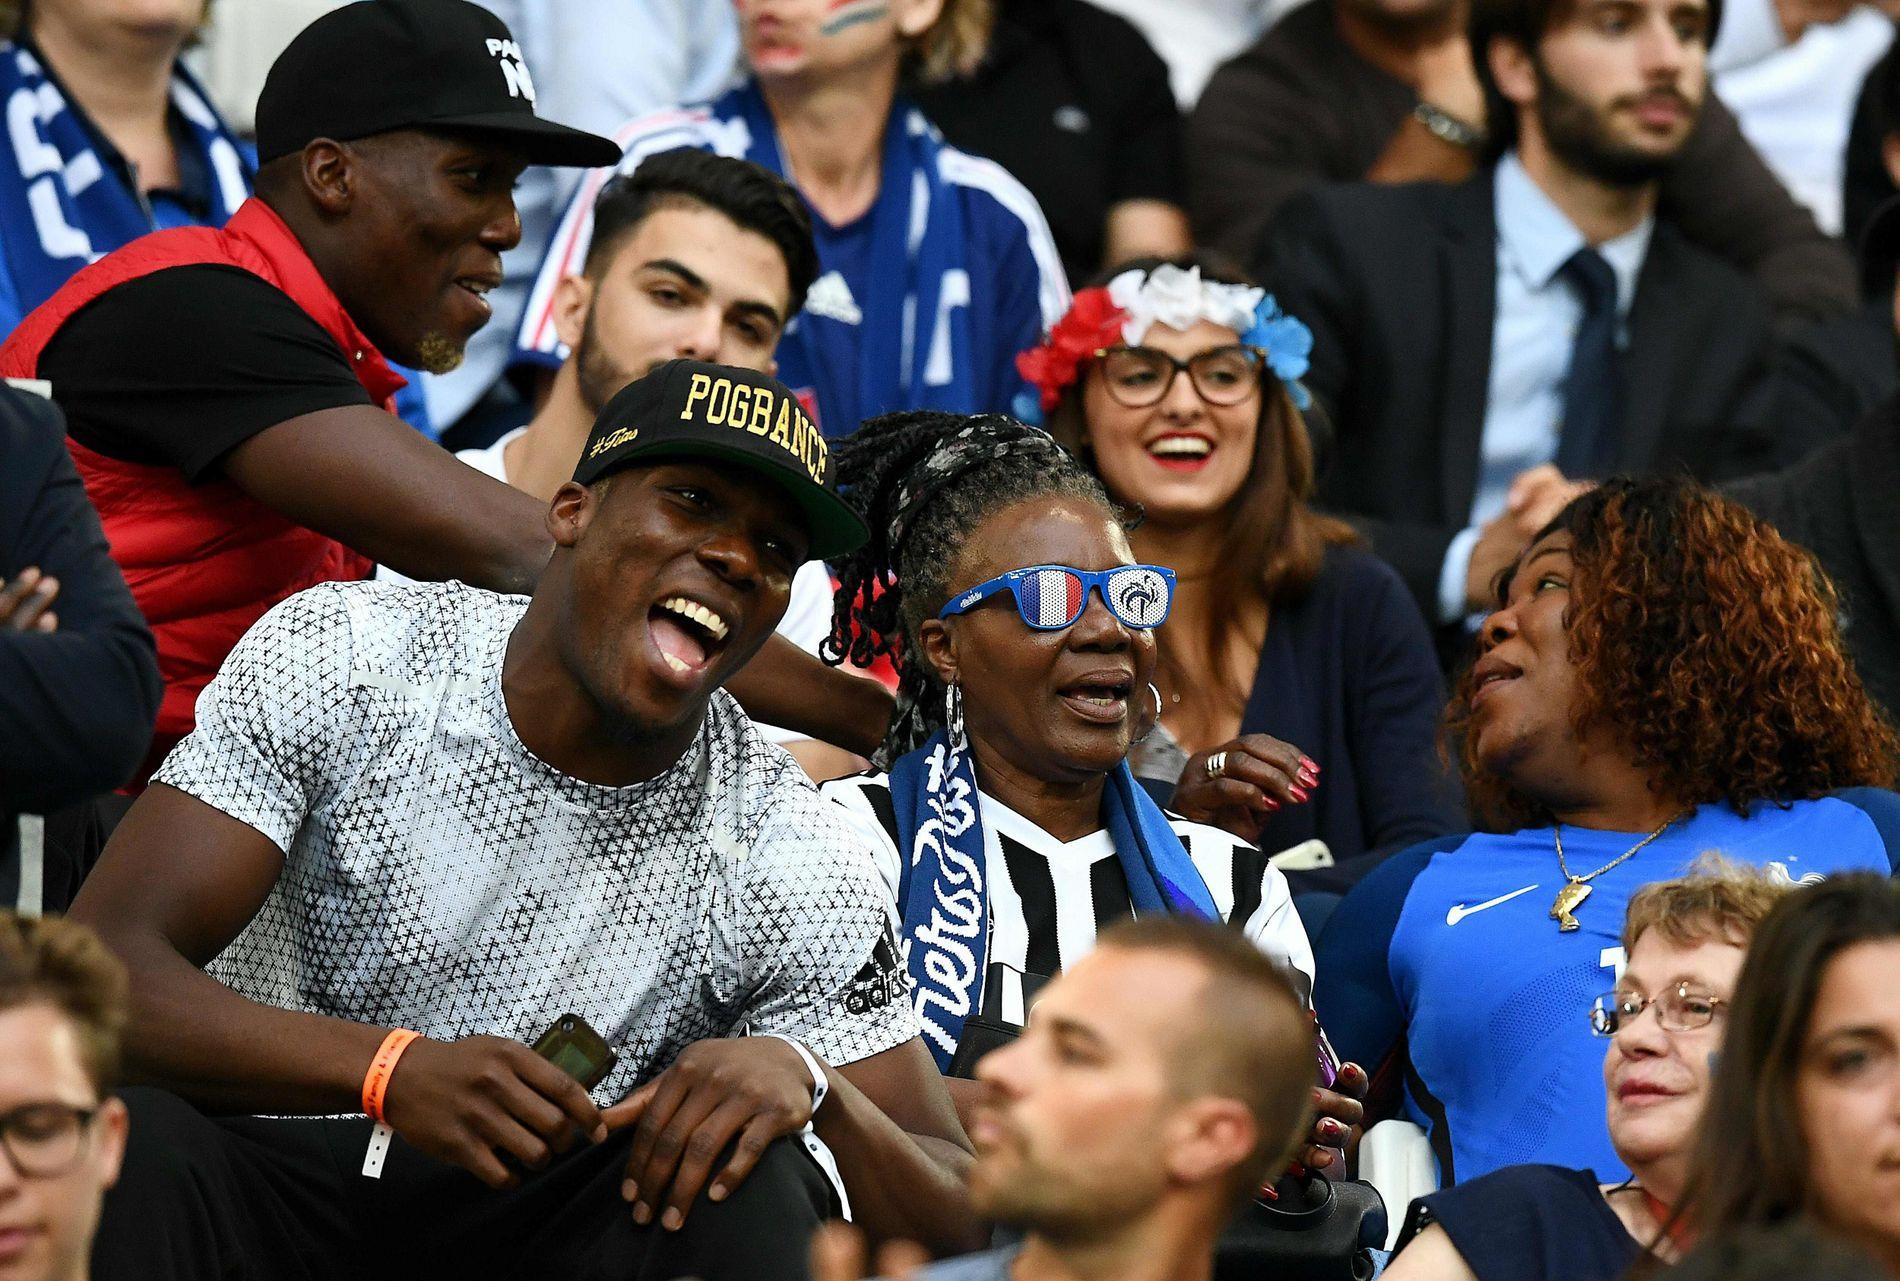 FOTBALLFAMILIE: Her er familien Pogba på tribunen for å heie på Paul under sommerens EM i Frankrike. Fra venstre: Florentin, Mathias og mor Yeo Moriba.